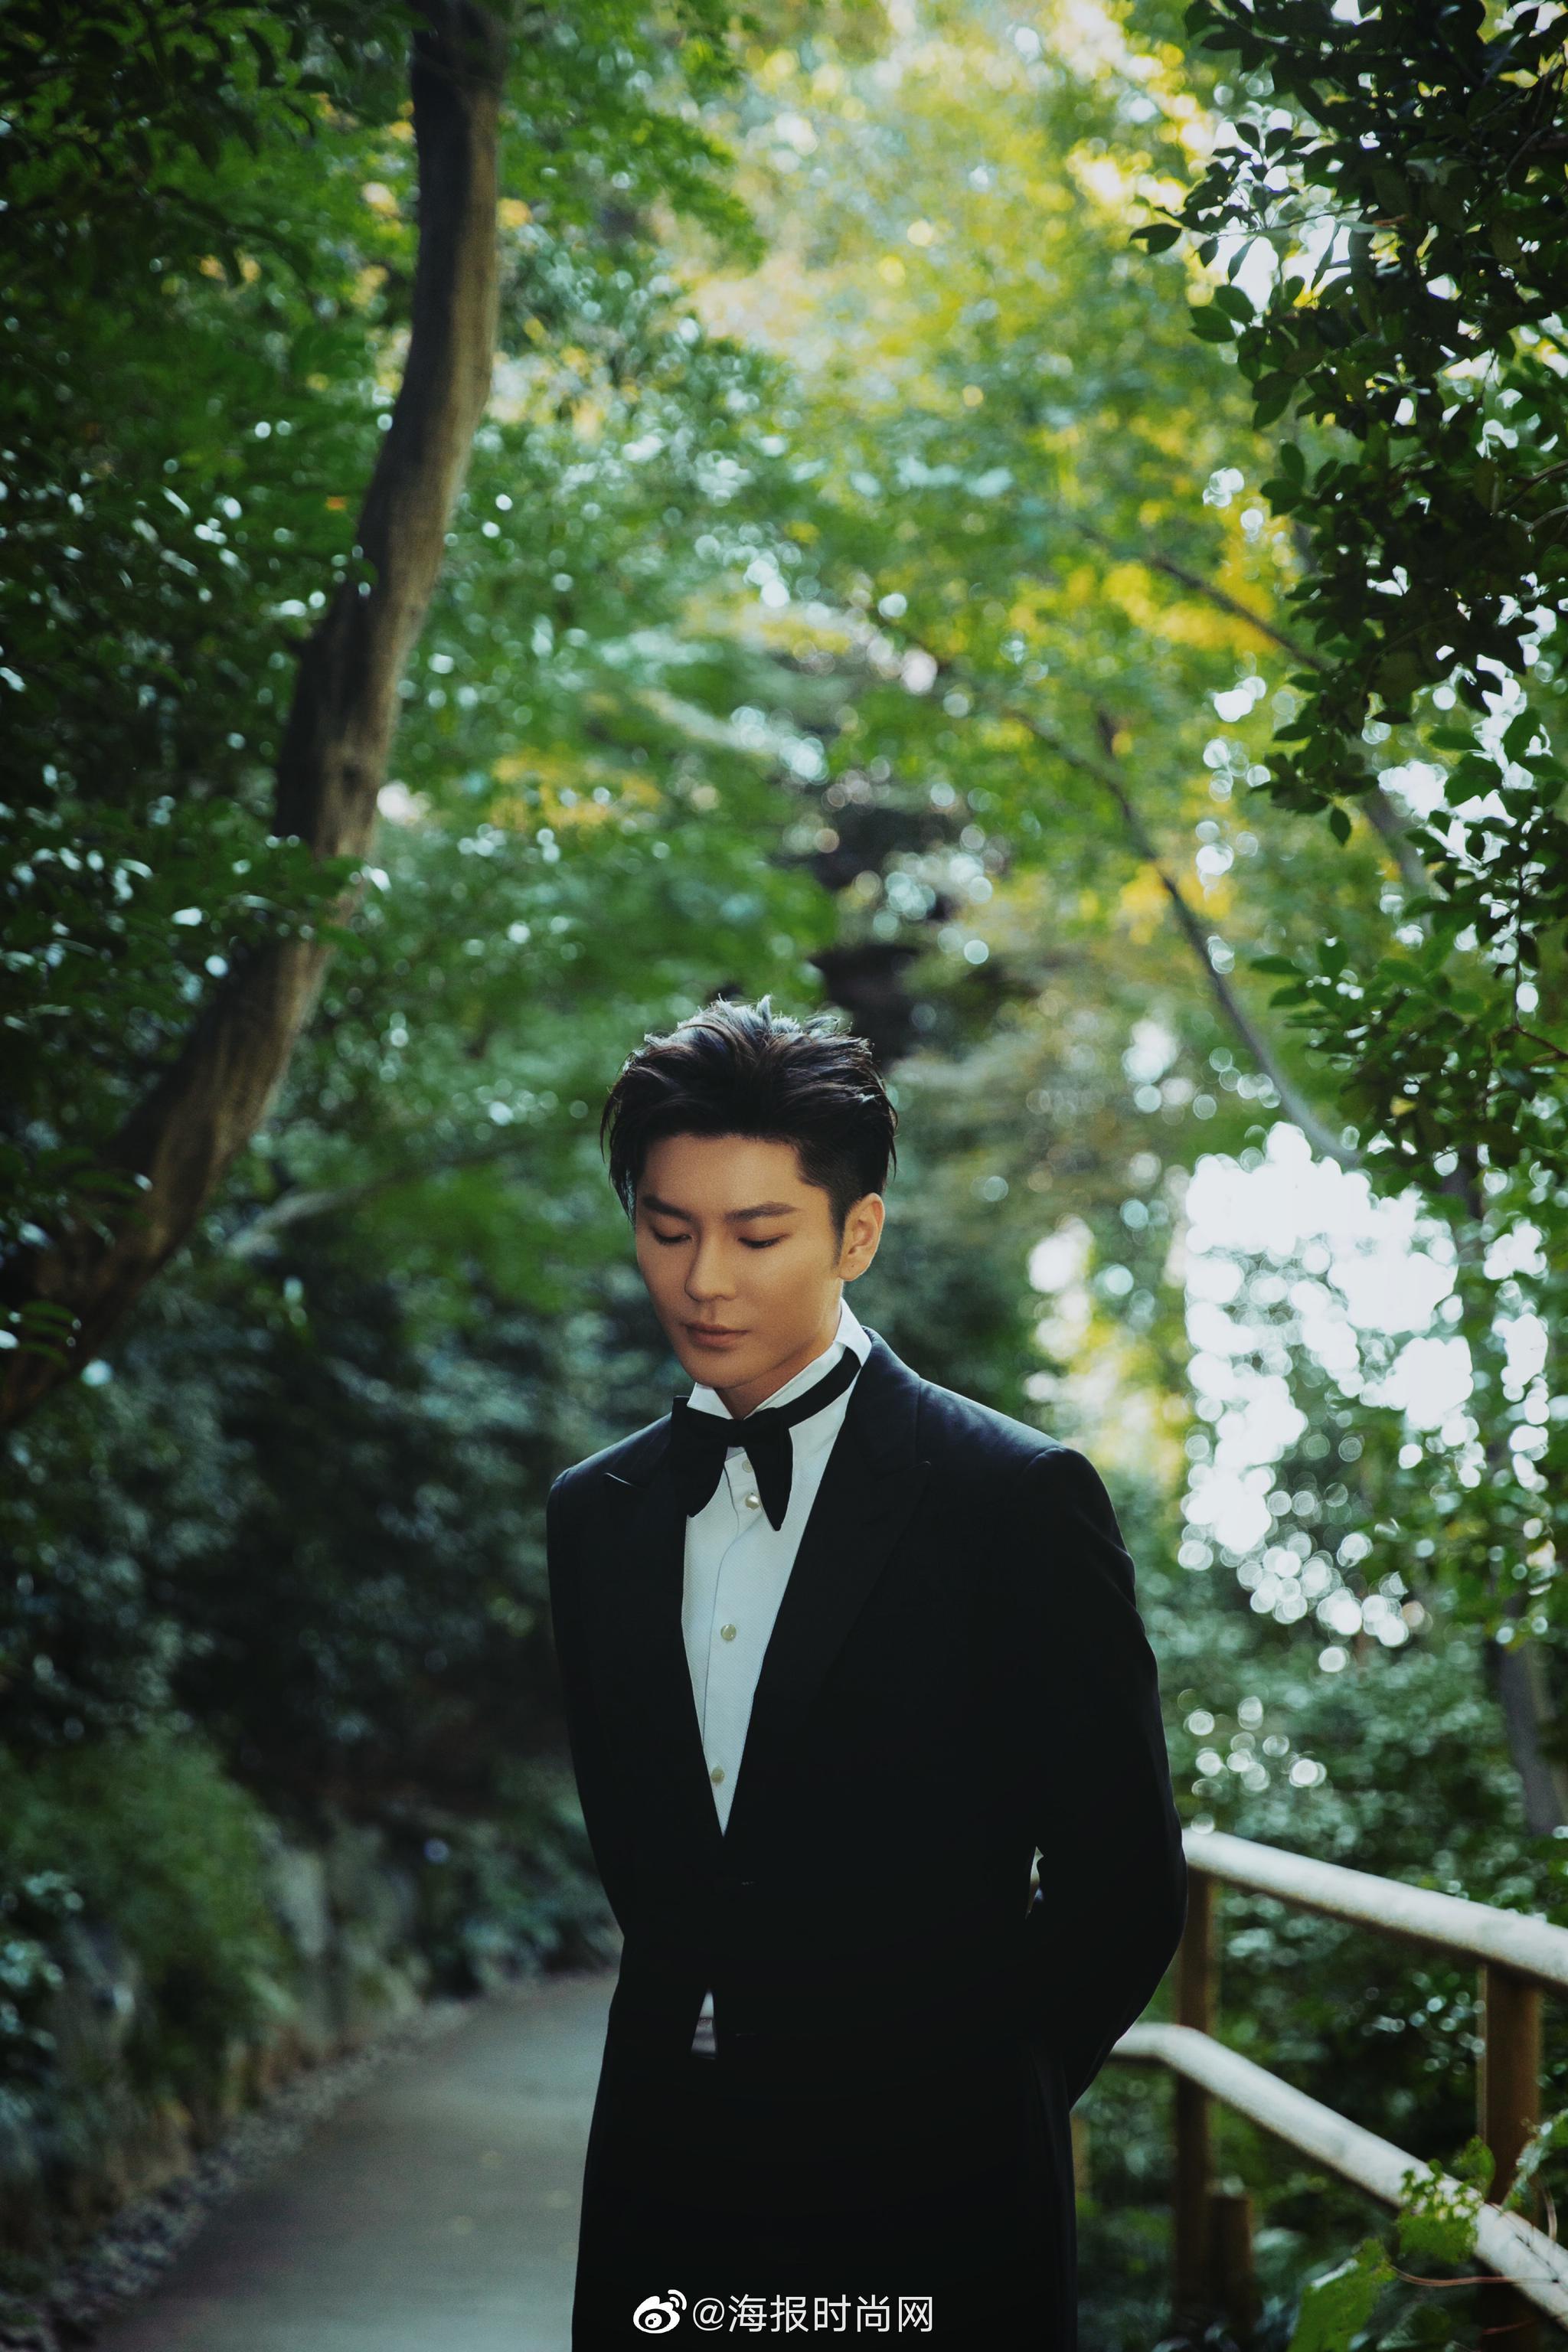 演员@王嘉Jevon 今日携作品《如影随心》亮相东京国际电影节开幕式红